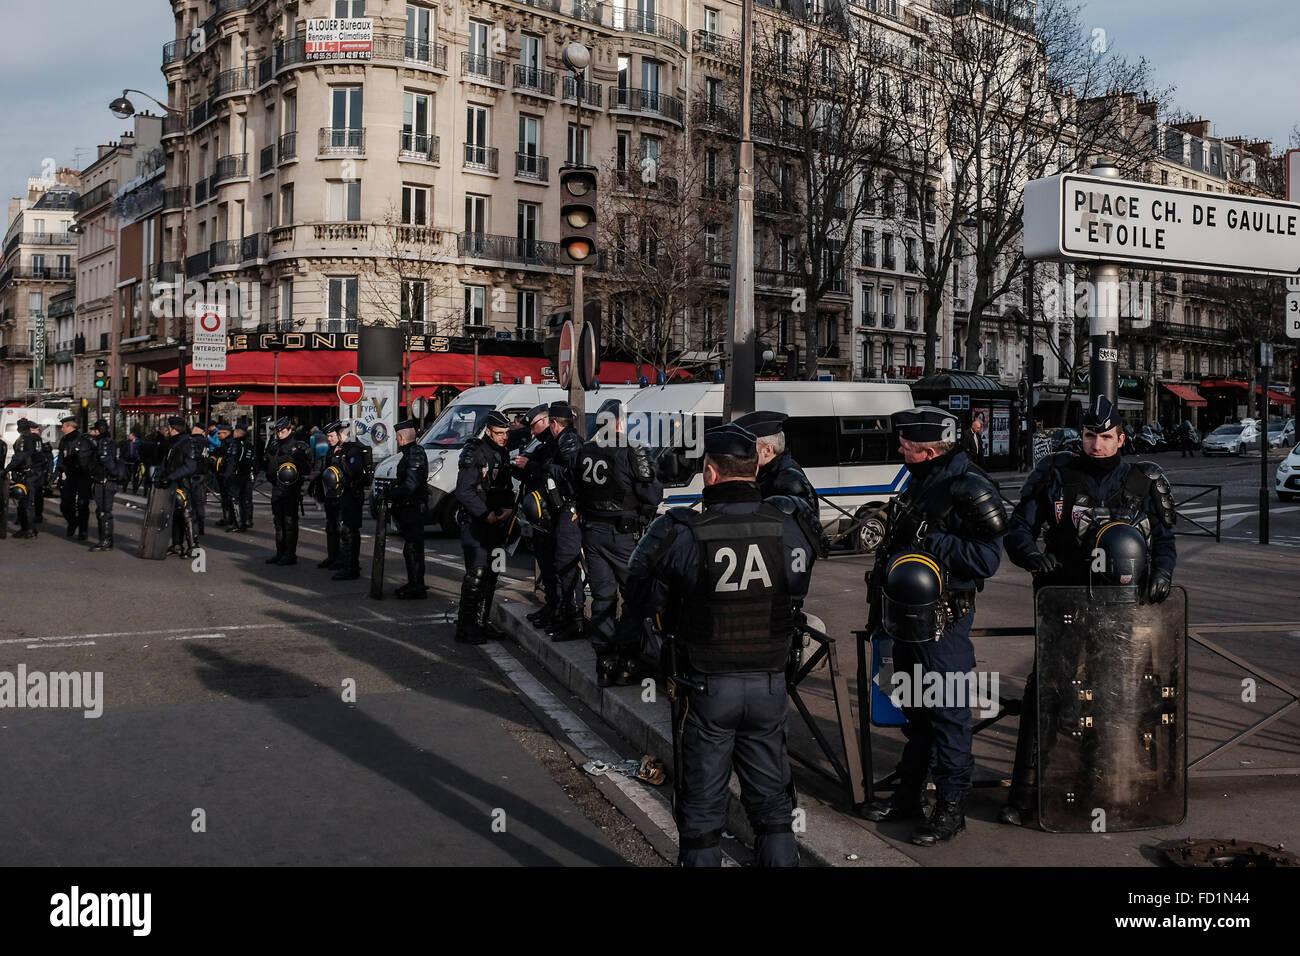 Maj manifestation de vtc devant les bureaux d uber france